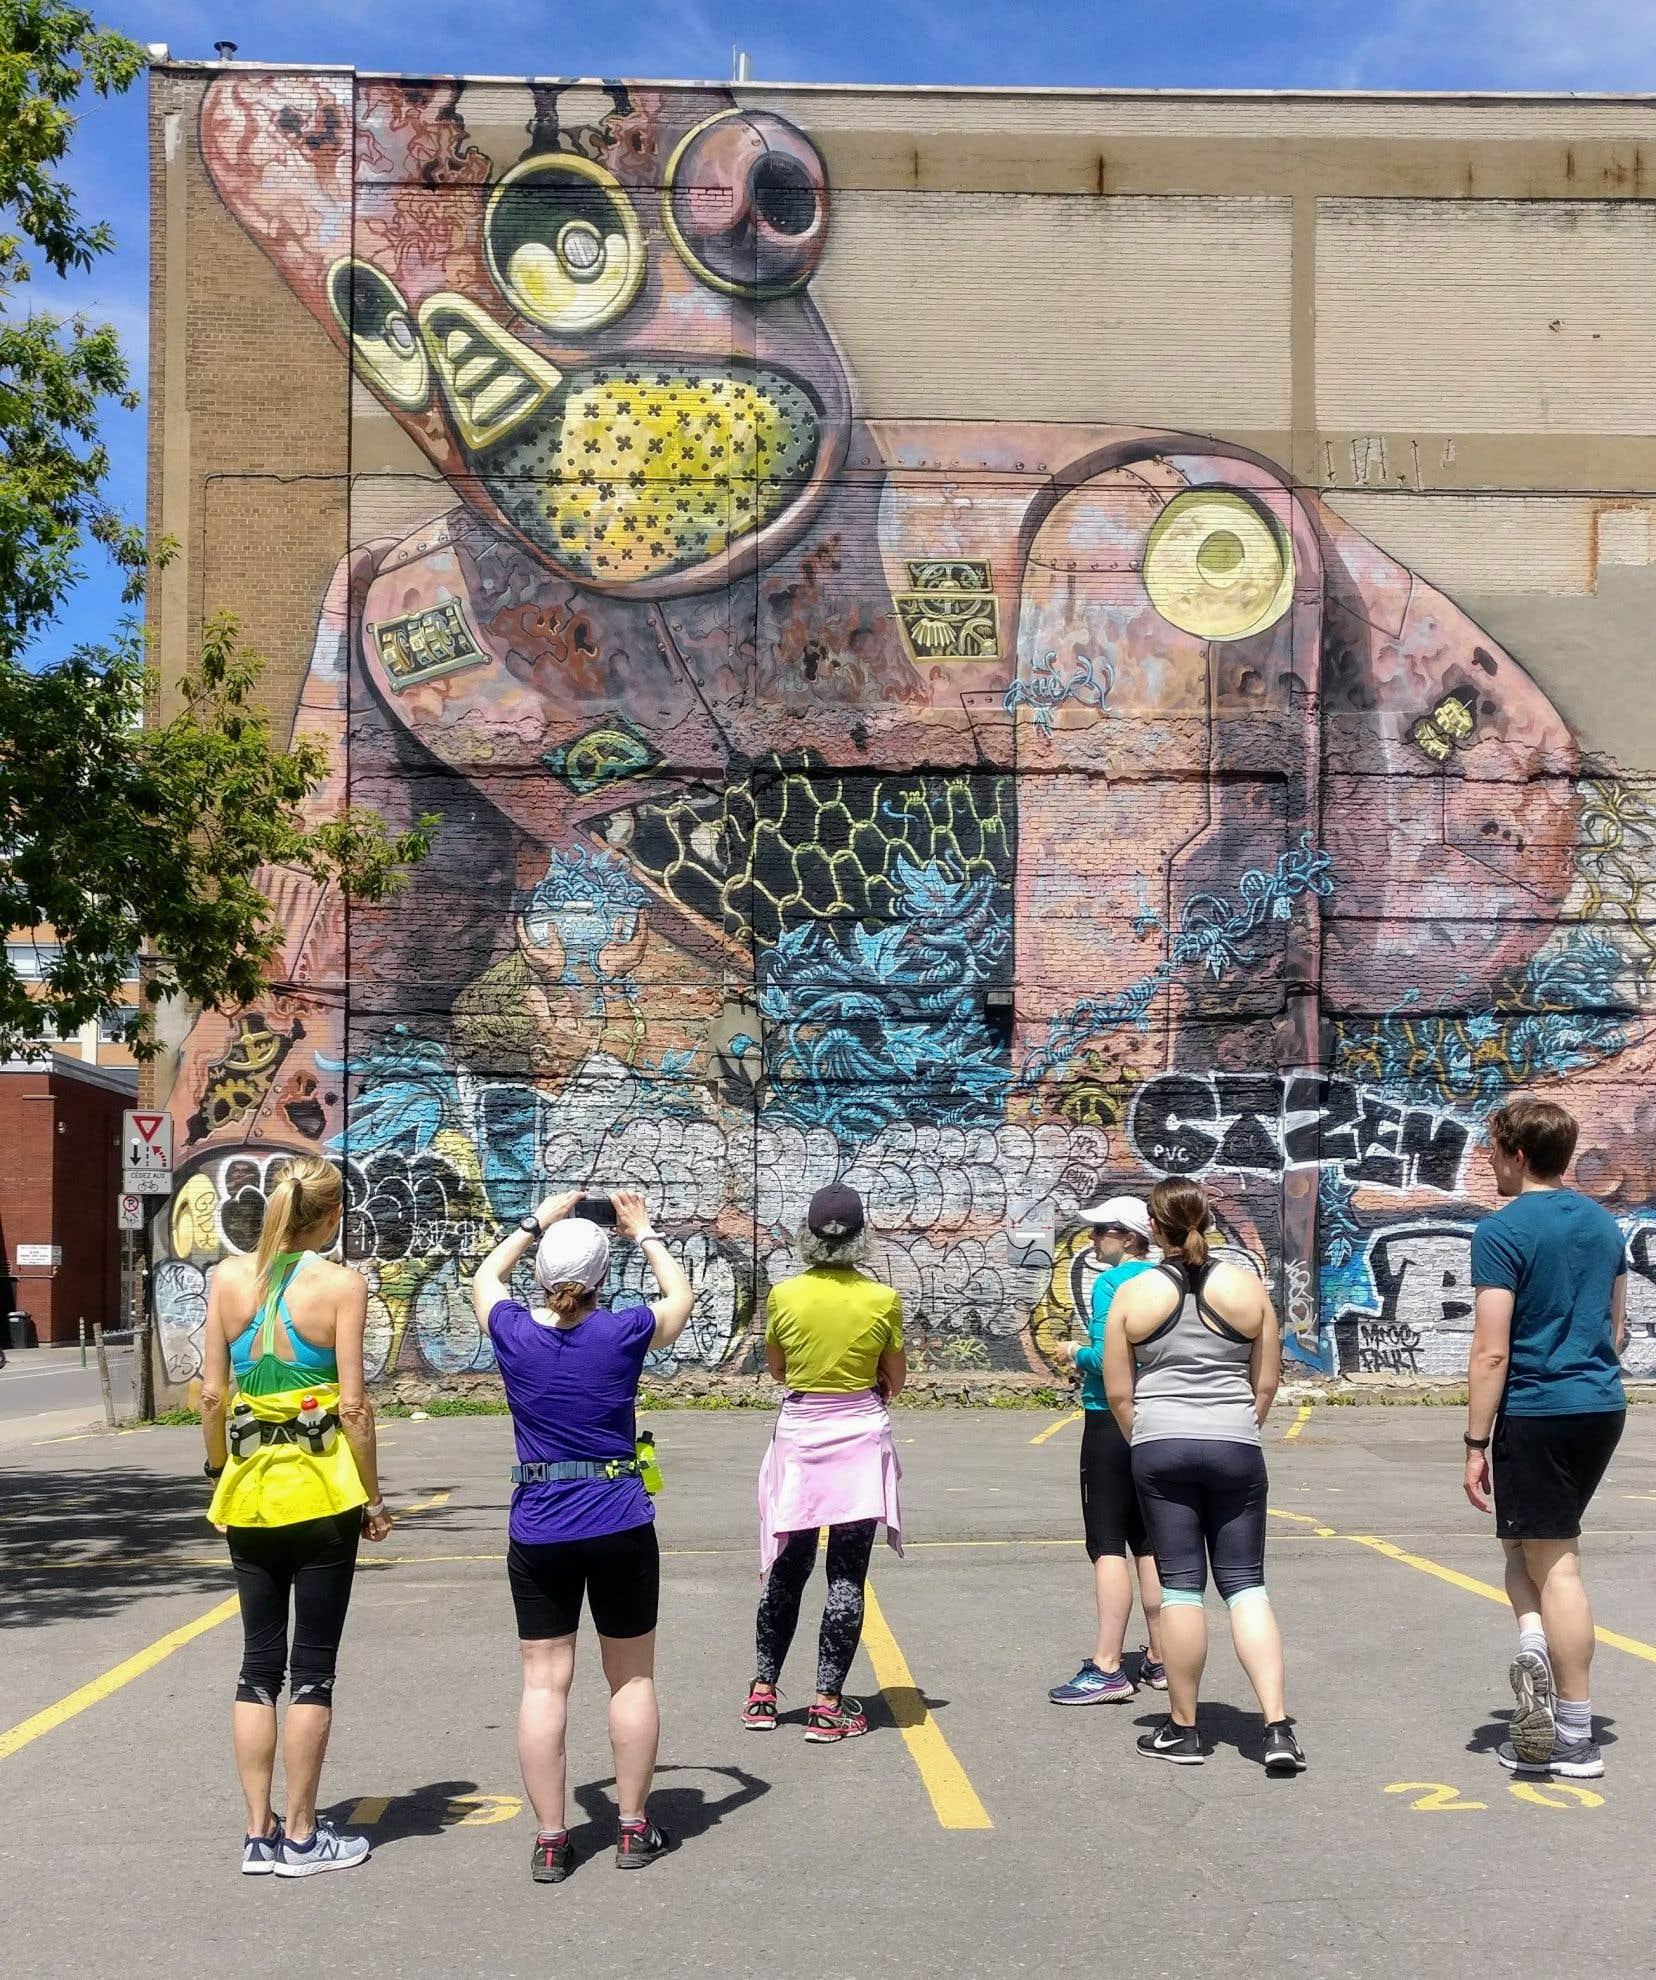 L'organisme Coureurs Montréal propose des circuits pour découvrir l'art urbain.